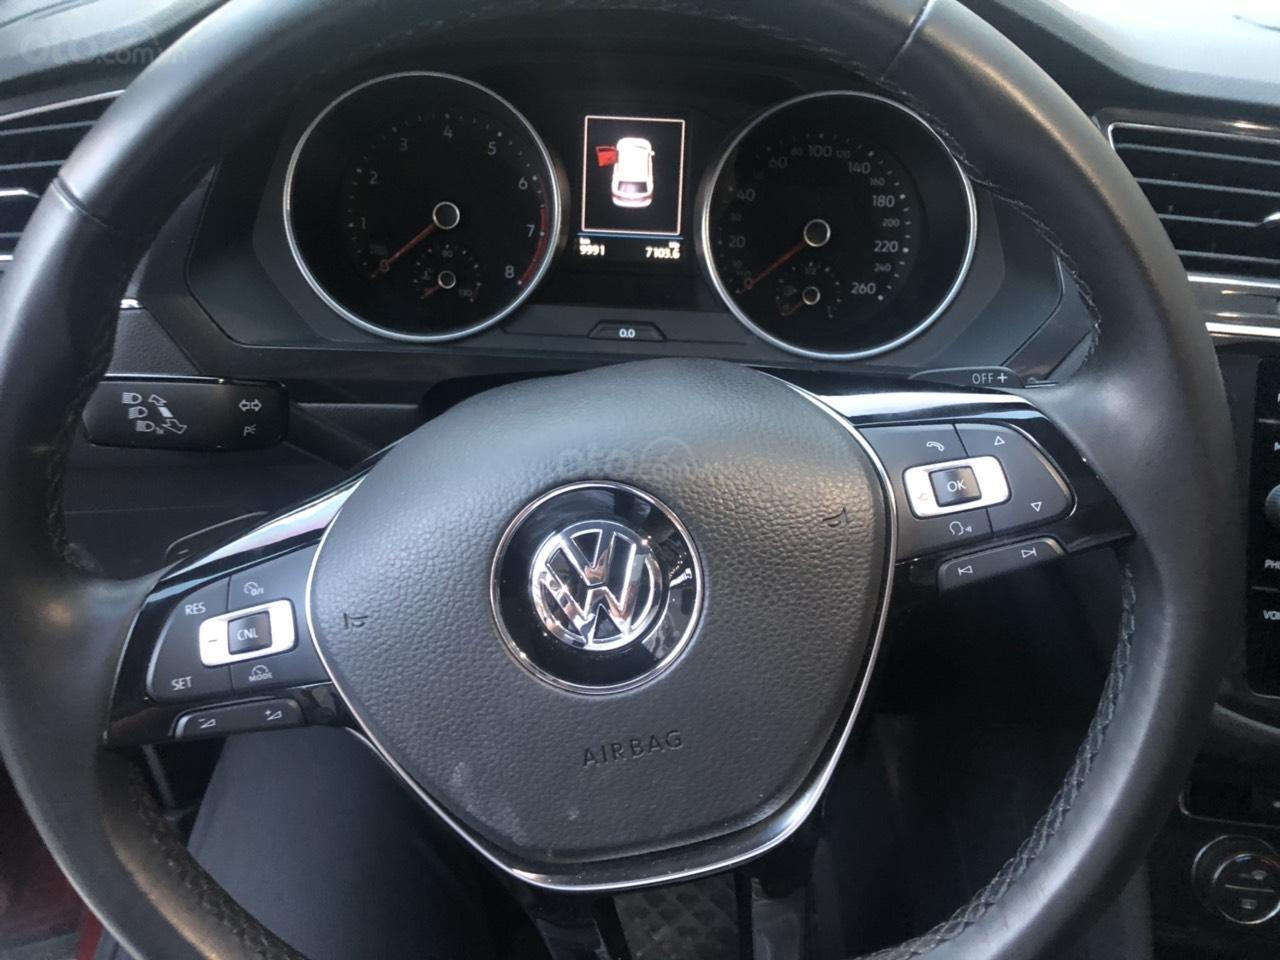 Lên đời bán SUV 7 chỗ VW Tiguan Highline đỏ rượu vang, đăng ký 2019, đi mới 15.000km (8)